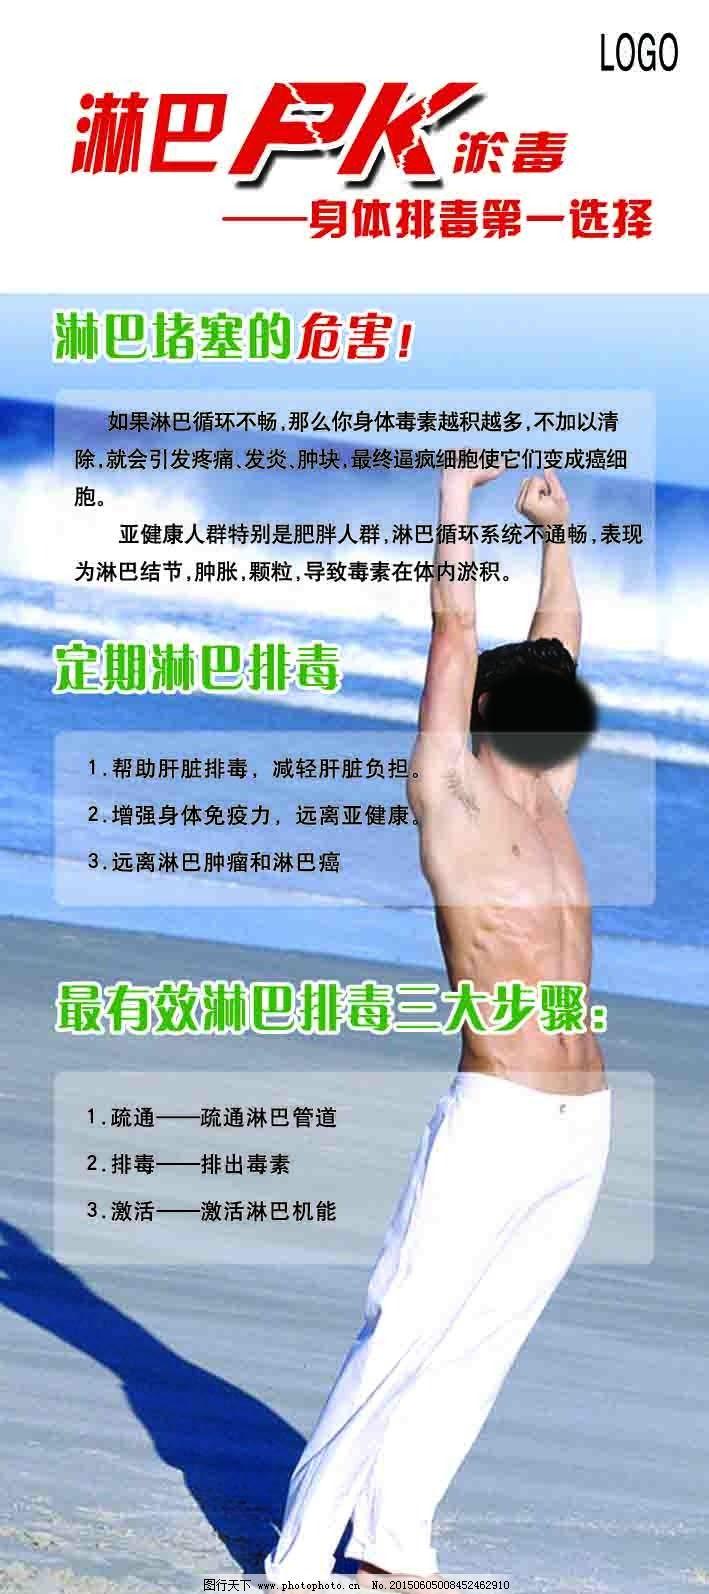 logo 步骤 海边背景 养生广告展架 淋巴排毒的好处 步骤 logo 海边